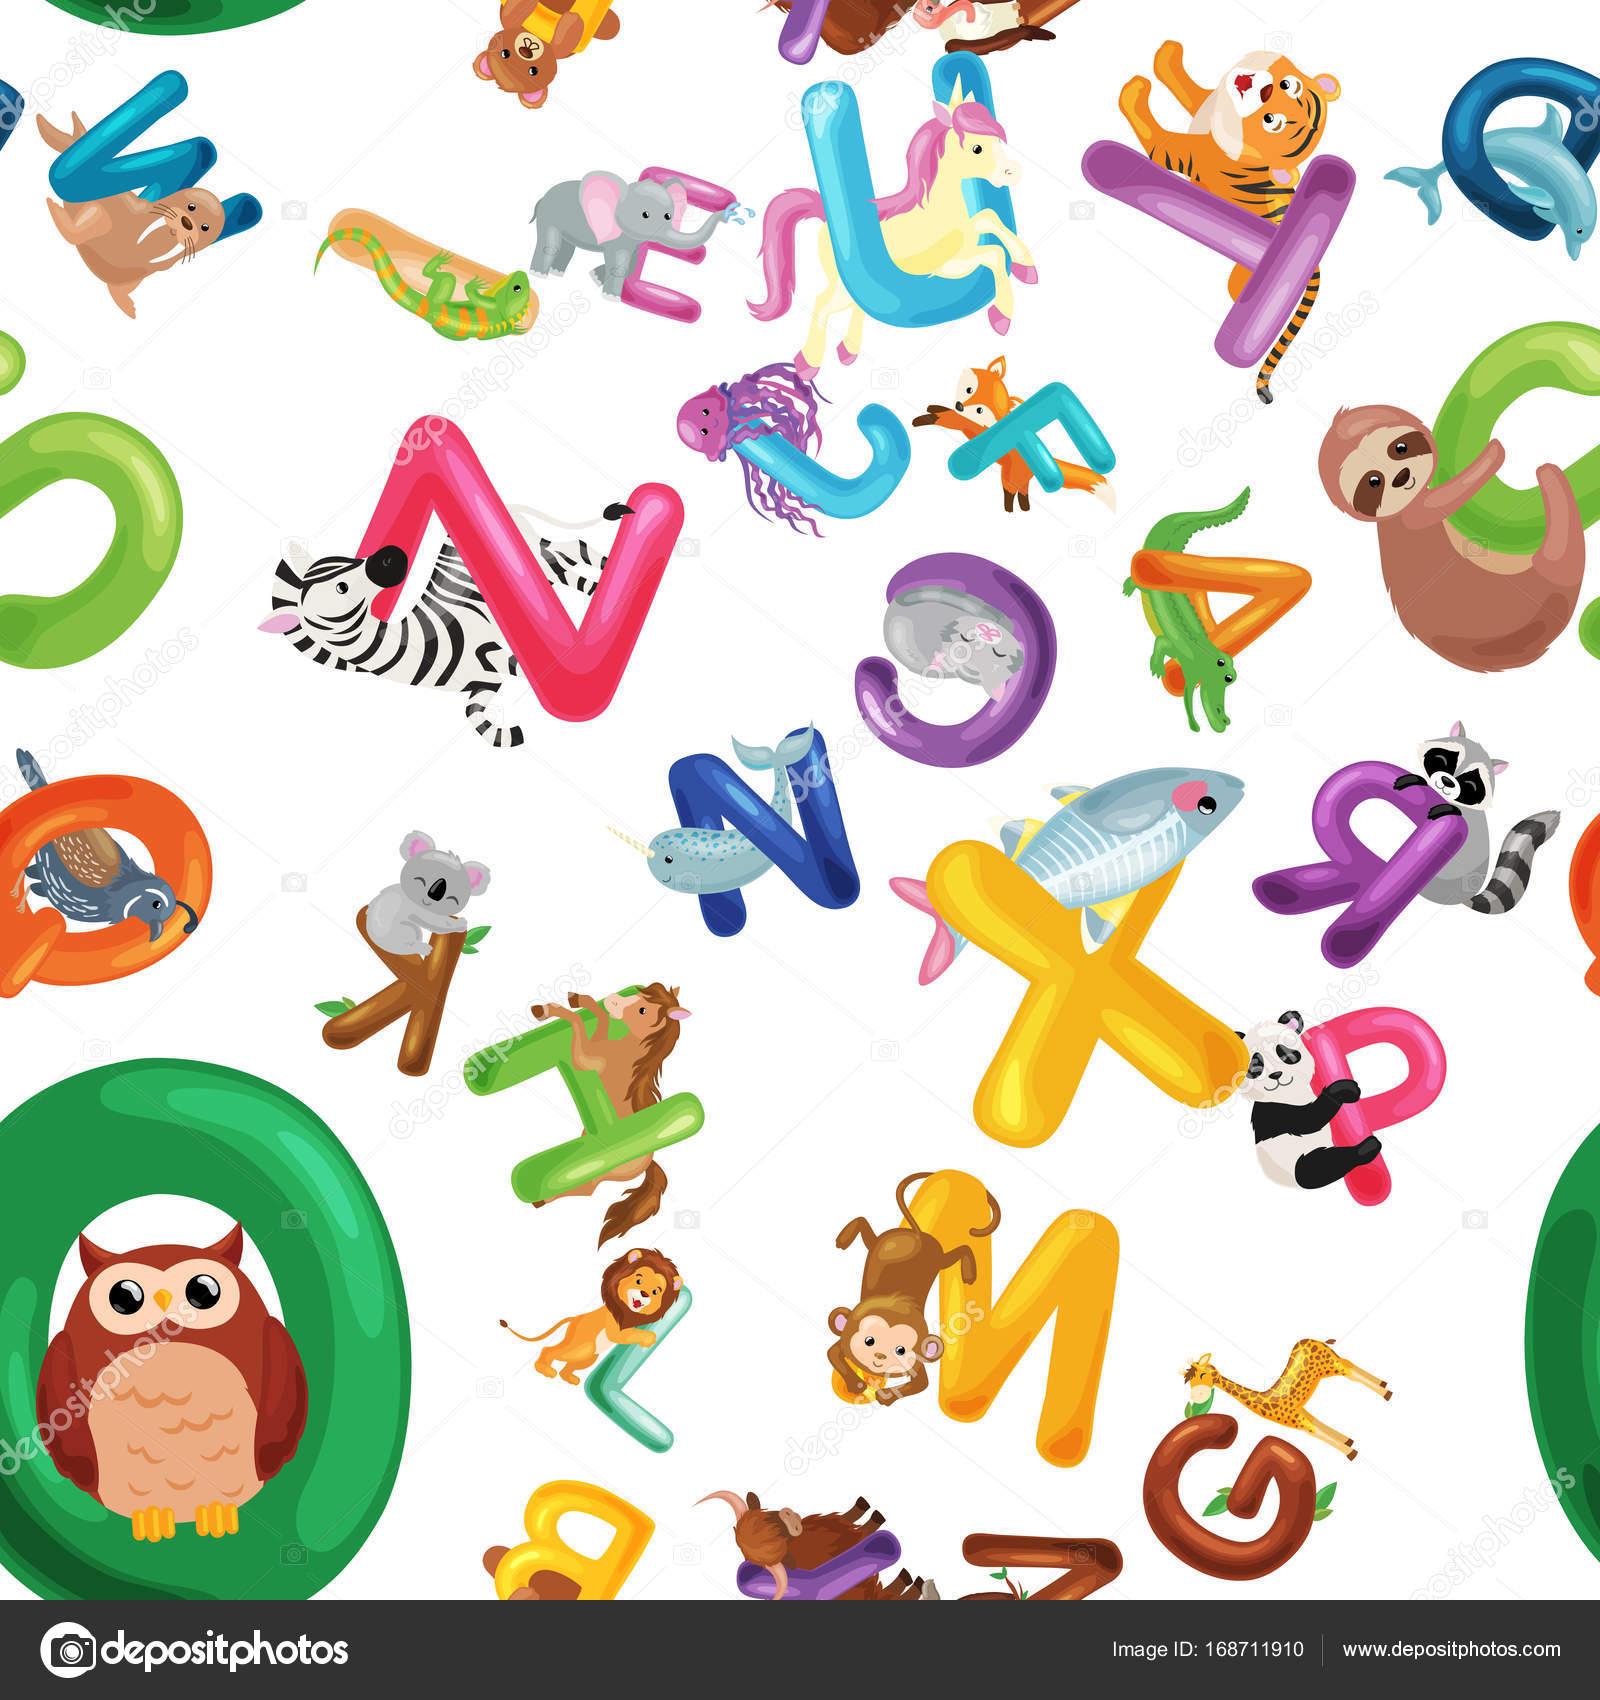 Fondo: abecedario con animales en ingles | Fondo abecedario de ...